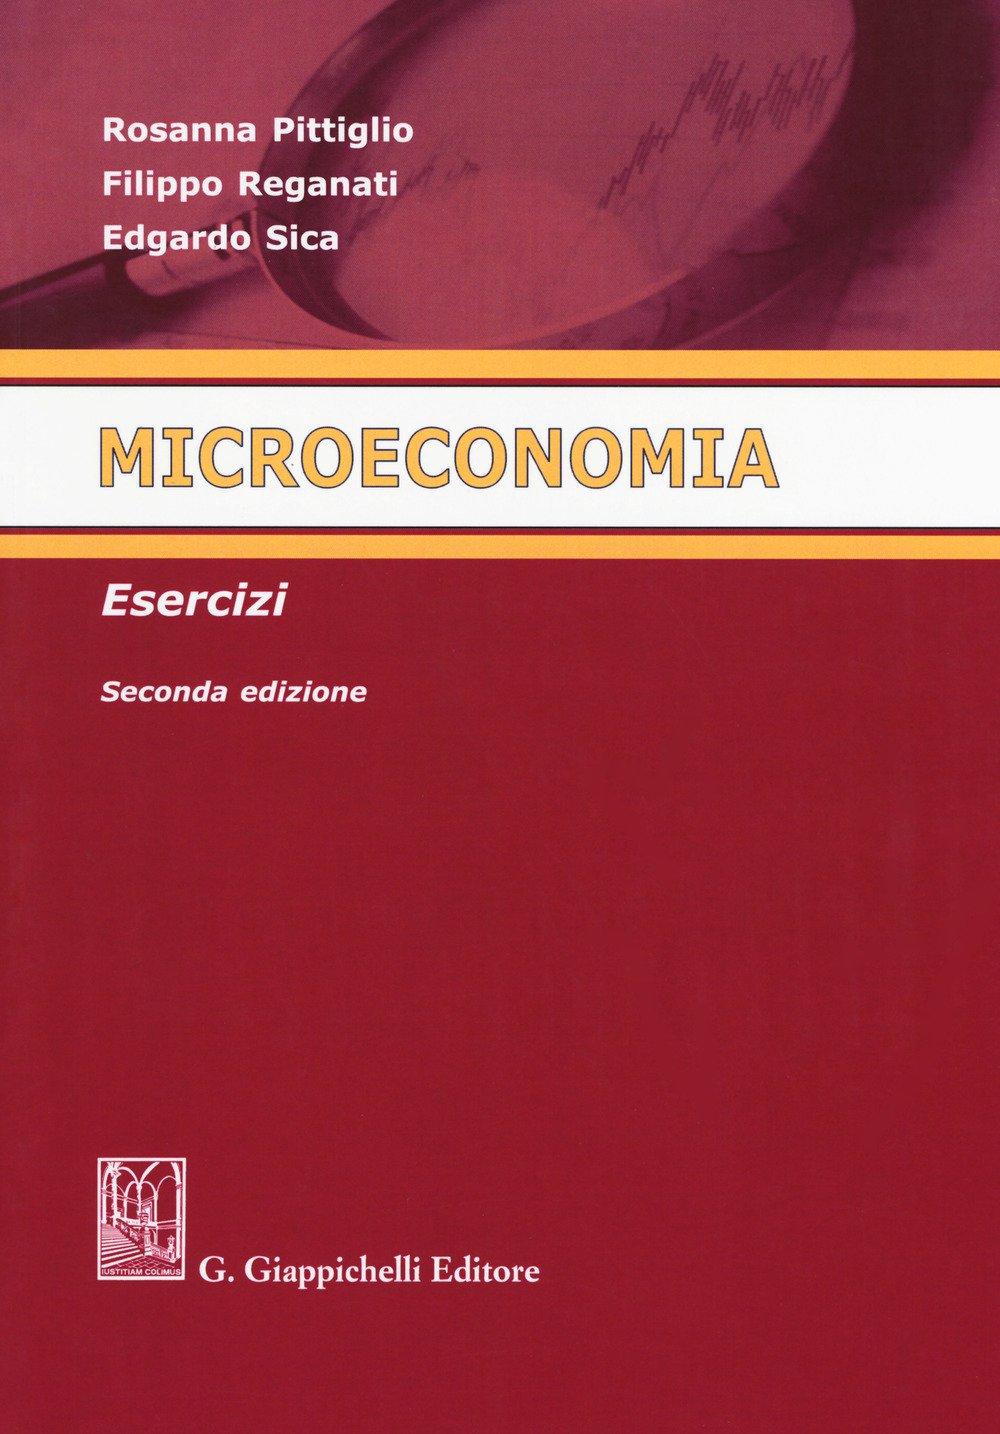 Microeconomia. Esercizi Copertina flessibile – 10 apr 2017 Rosanna Pittiglio Filippo Reganati Edgardo Sica Giappichelli